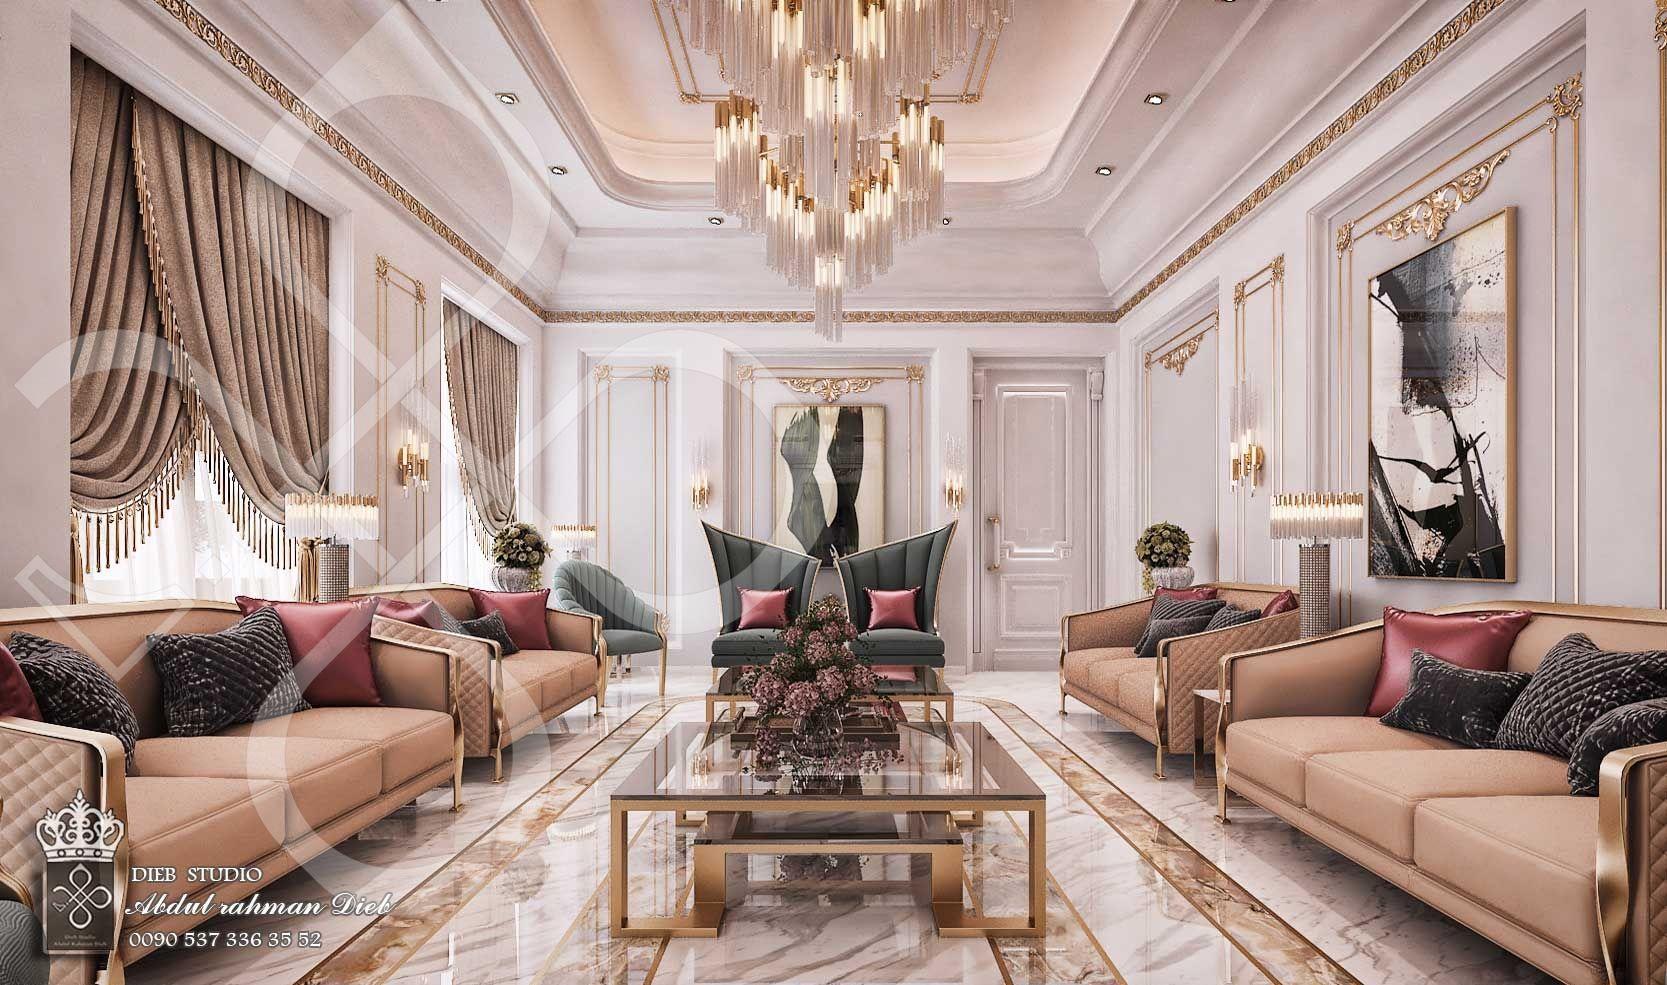 Men Majles In Modern Style Ksa Elegant Living Room Design Luxury Living Room Design Majles Design Modern Elegant classic luxury room